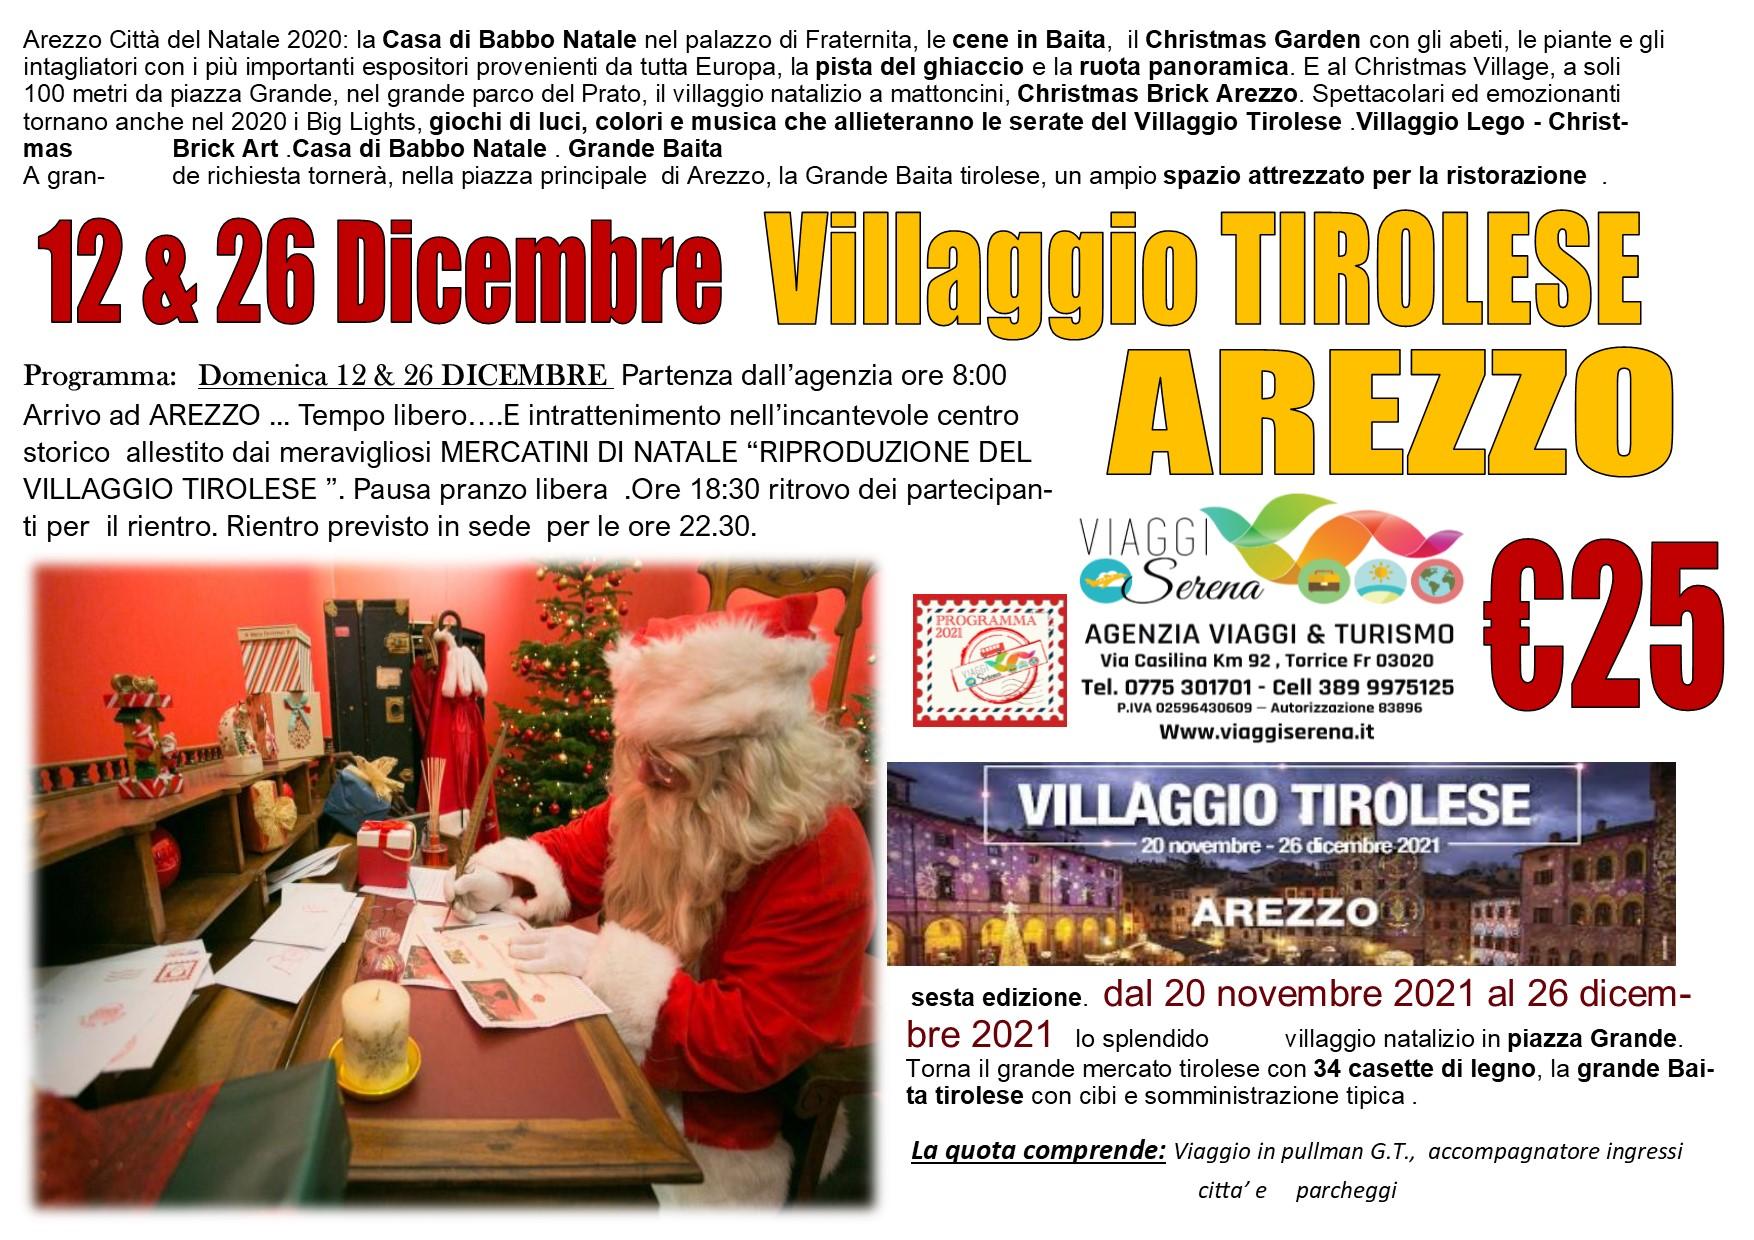 Viaggi di Gruppo: Villaggio Tirolese AREZZO 12 Dicembre € 25,00